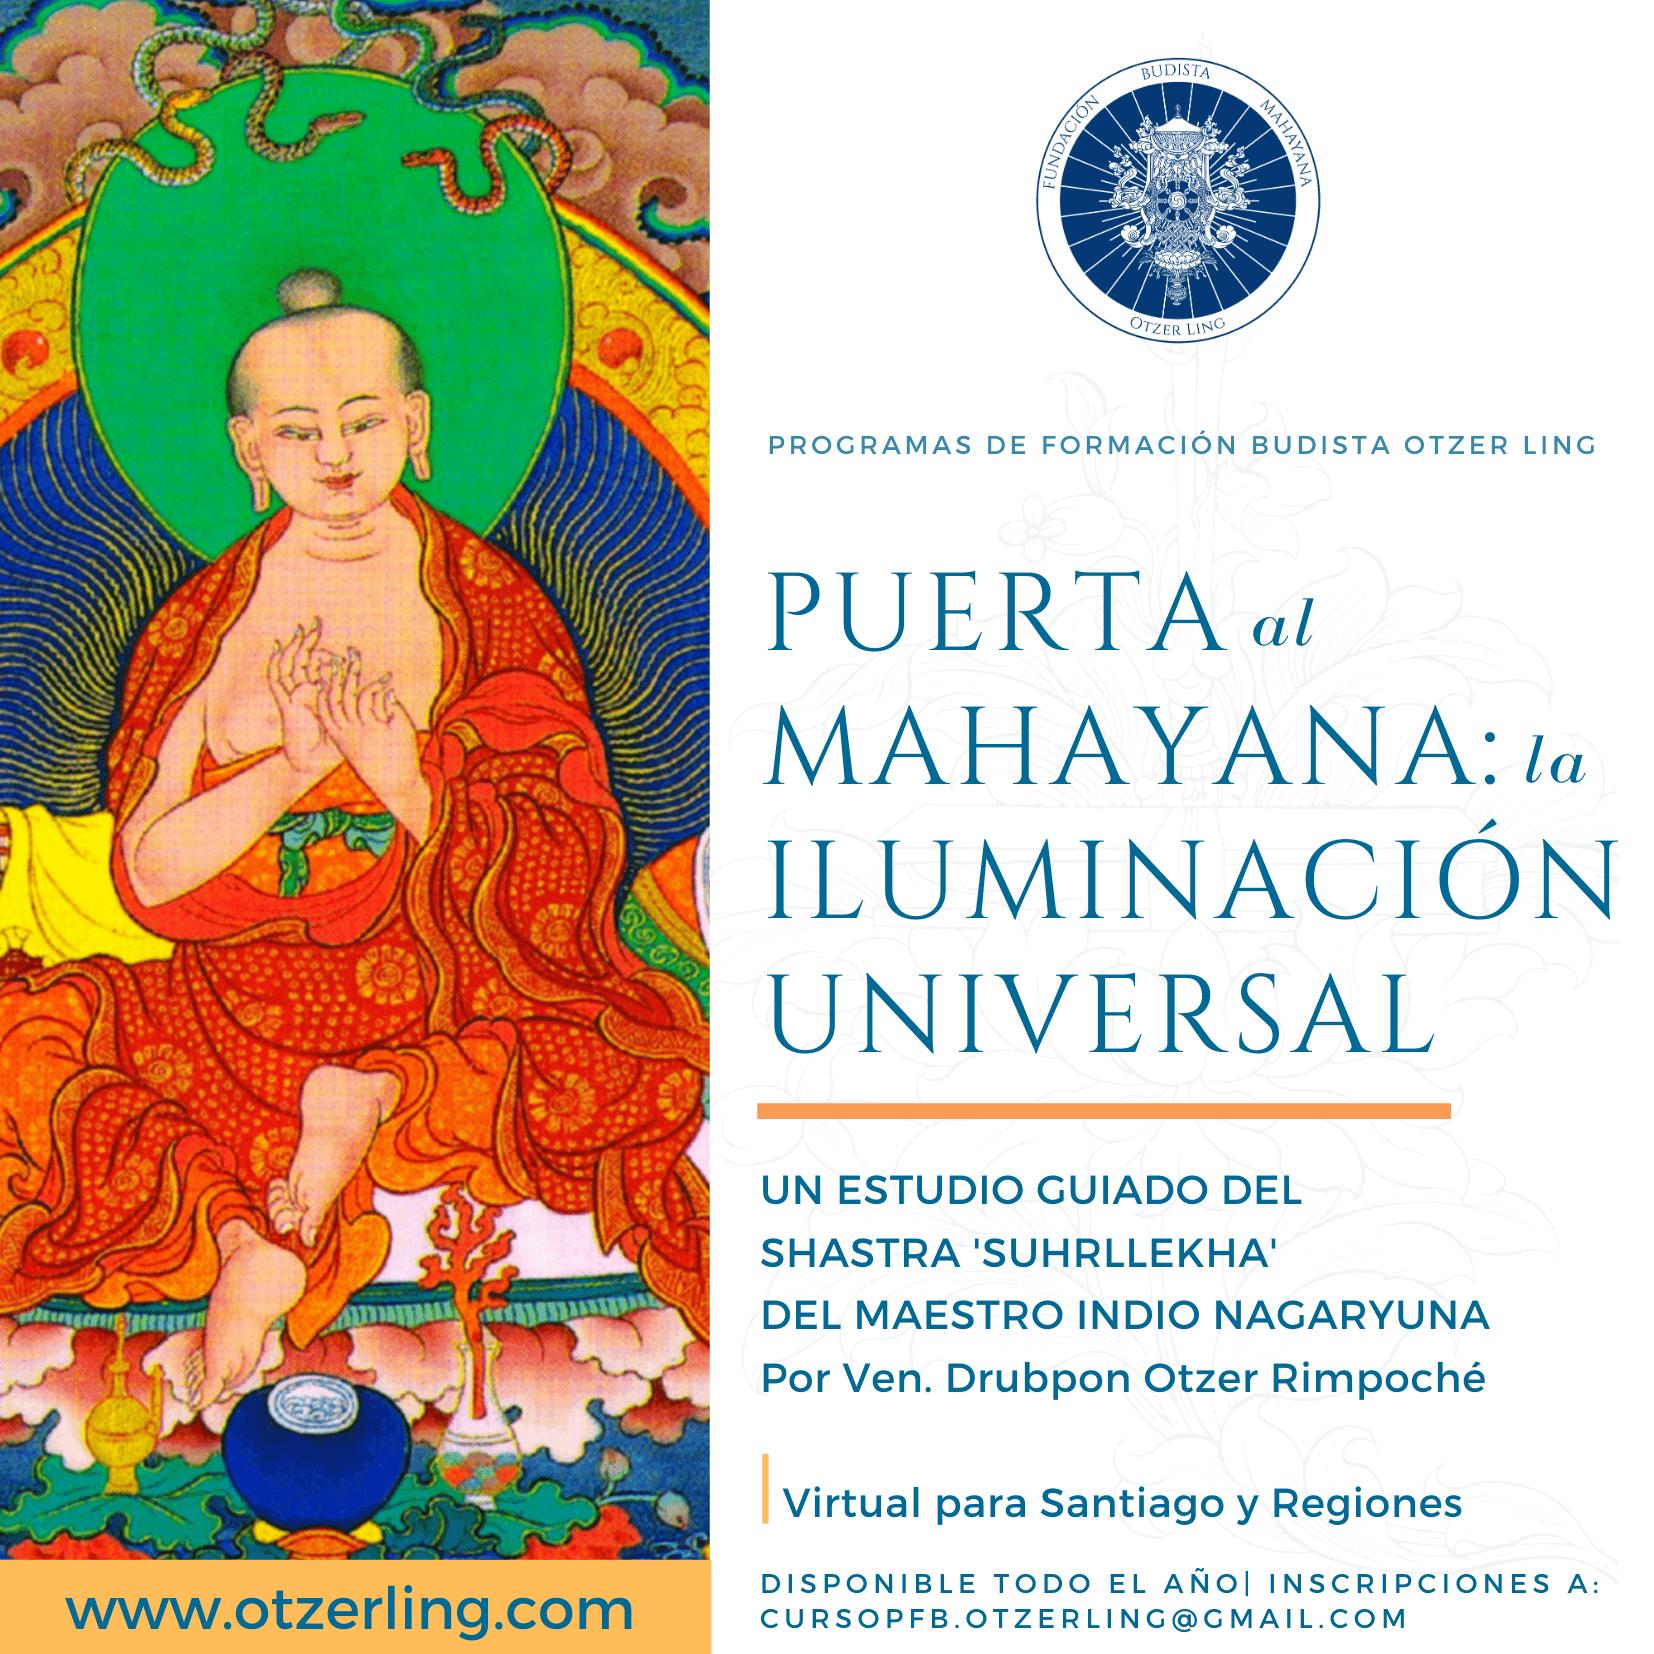 Programa de Formación Budista: Puerta al mahayana – La Iluminación Universal